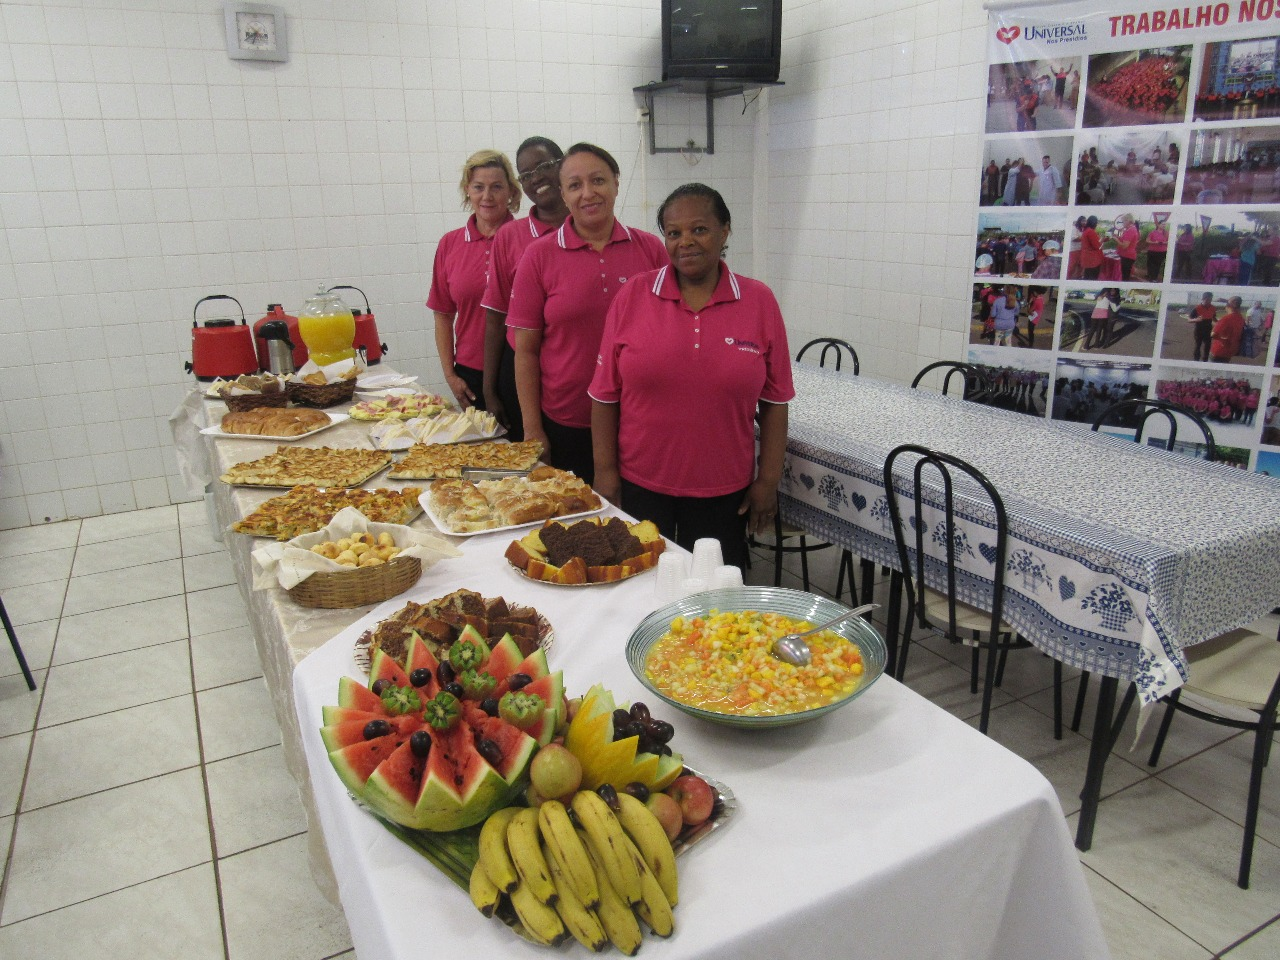 UNP promove café da manhã em presídio